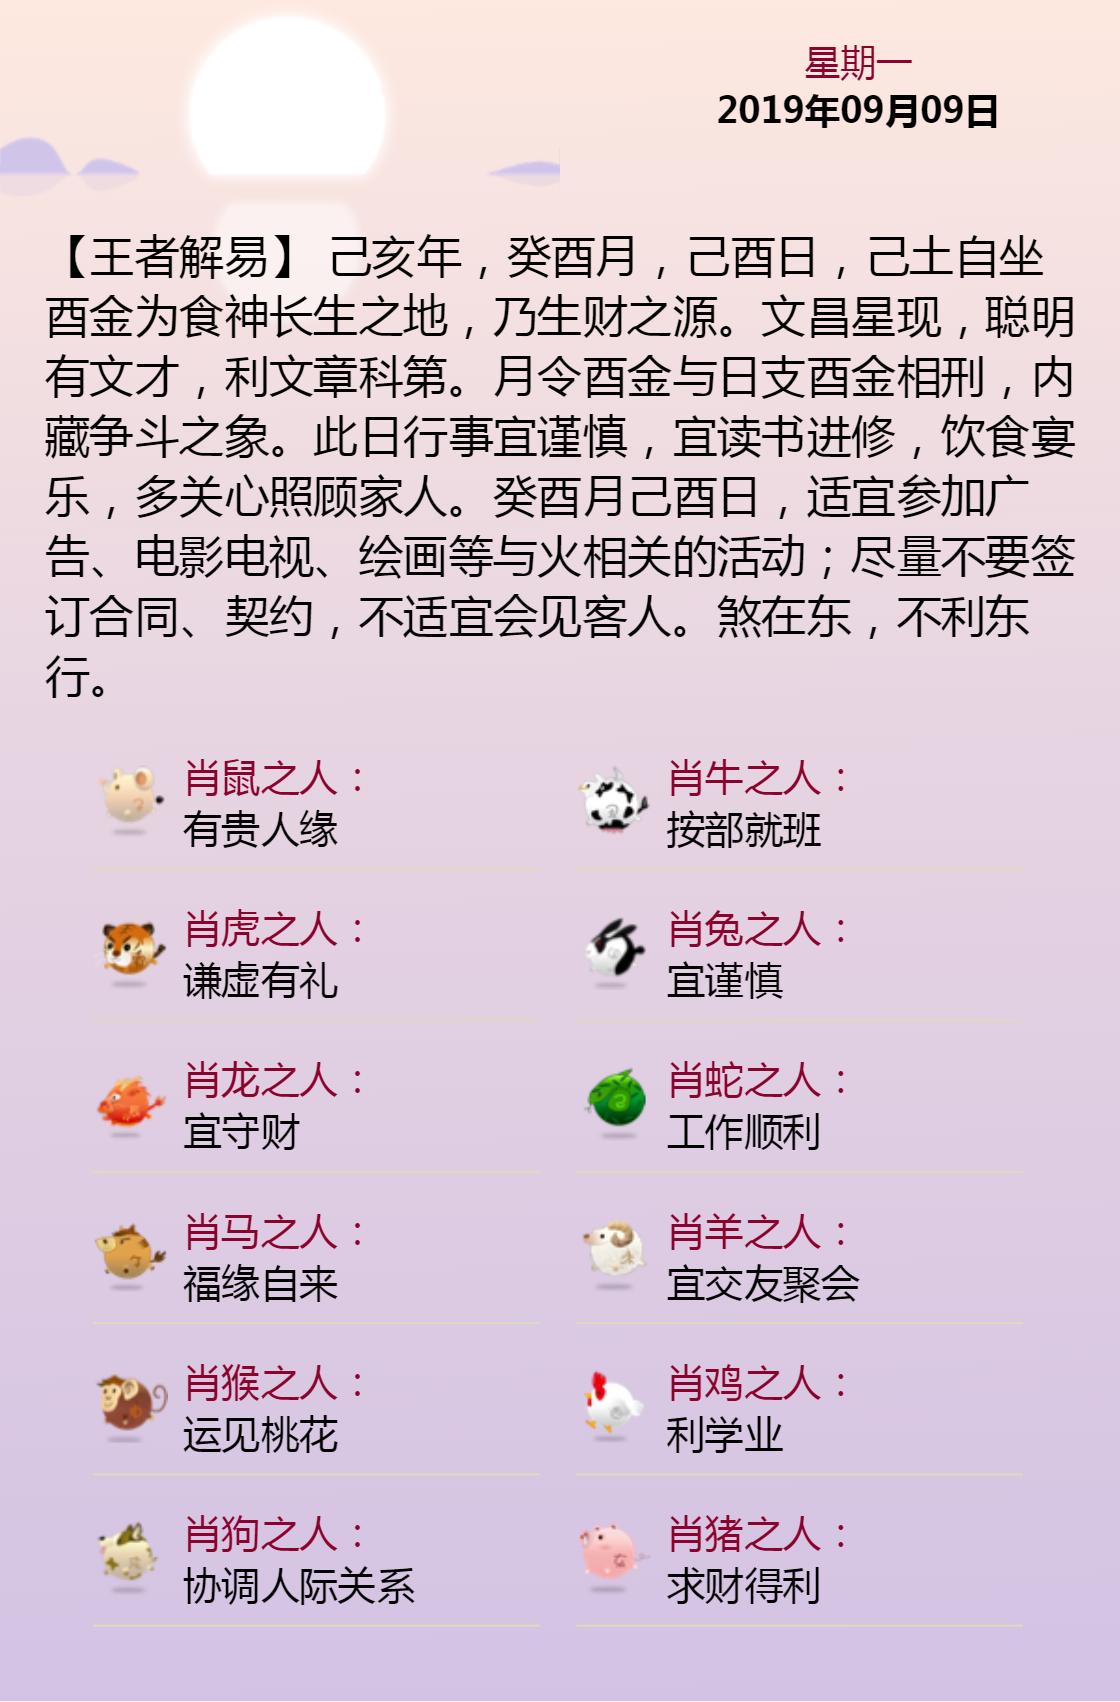 黄历海报20190909.png